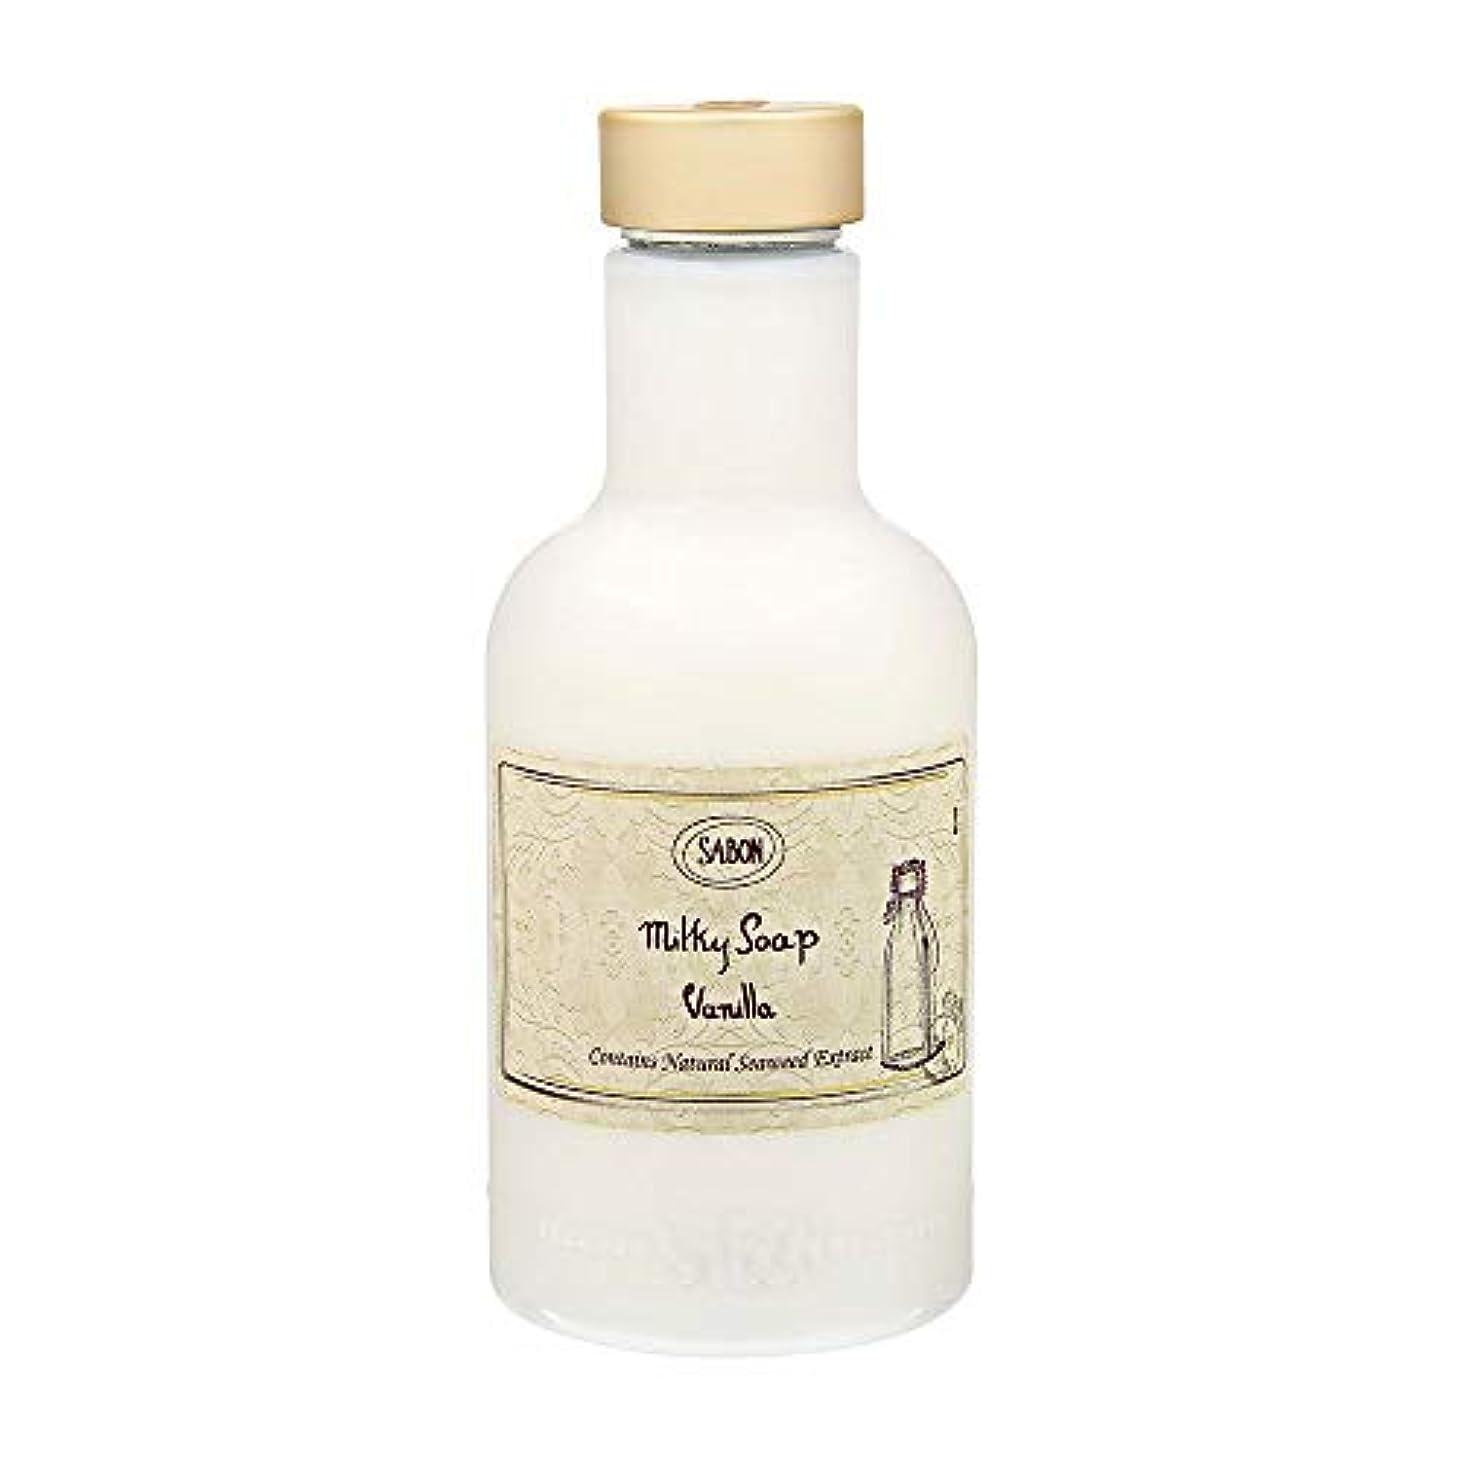 より規定憂鬱なサボン(SABON) ミルキーソープ バニラ [並行輸入品]